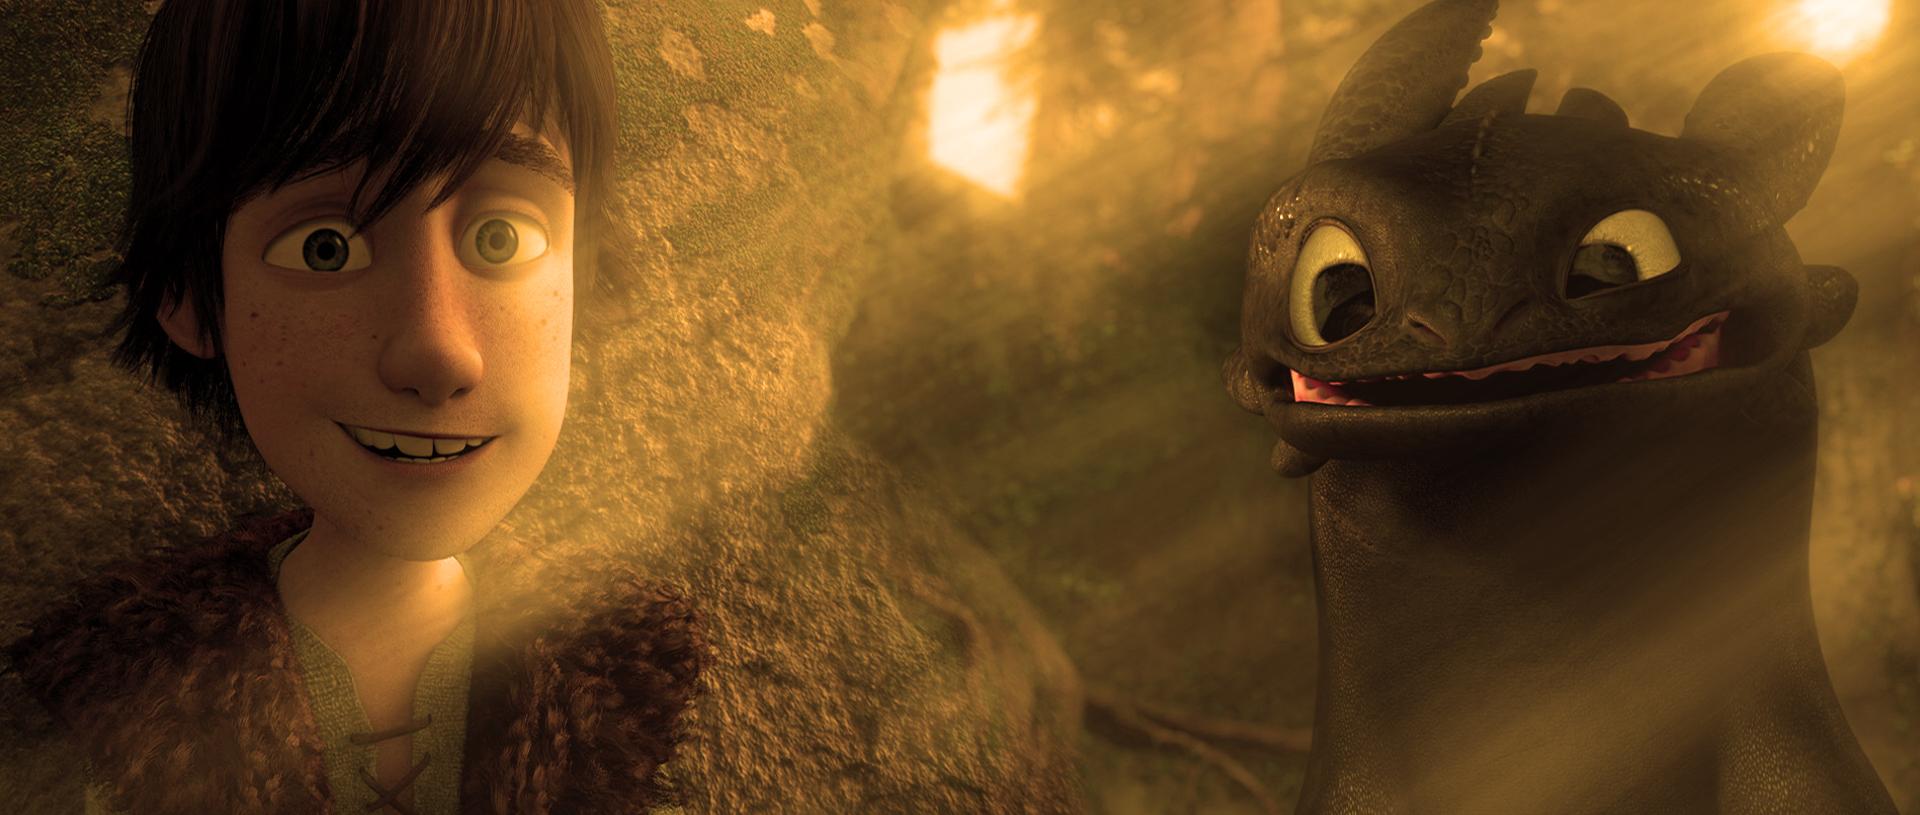 Смотреть мультфильм Драконы: Подарок ночной фурии онлайн в хорошем 80